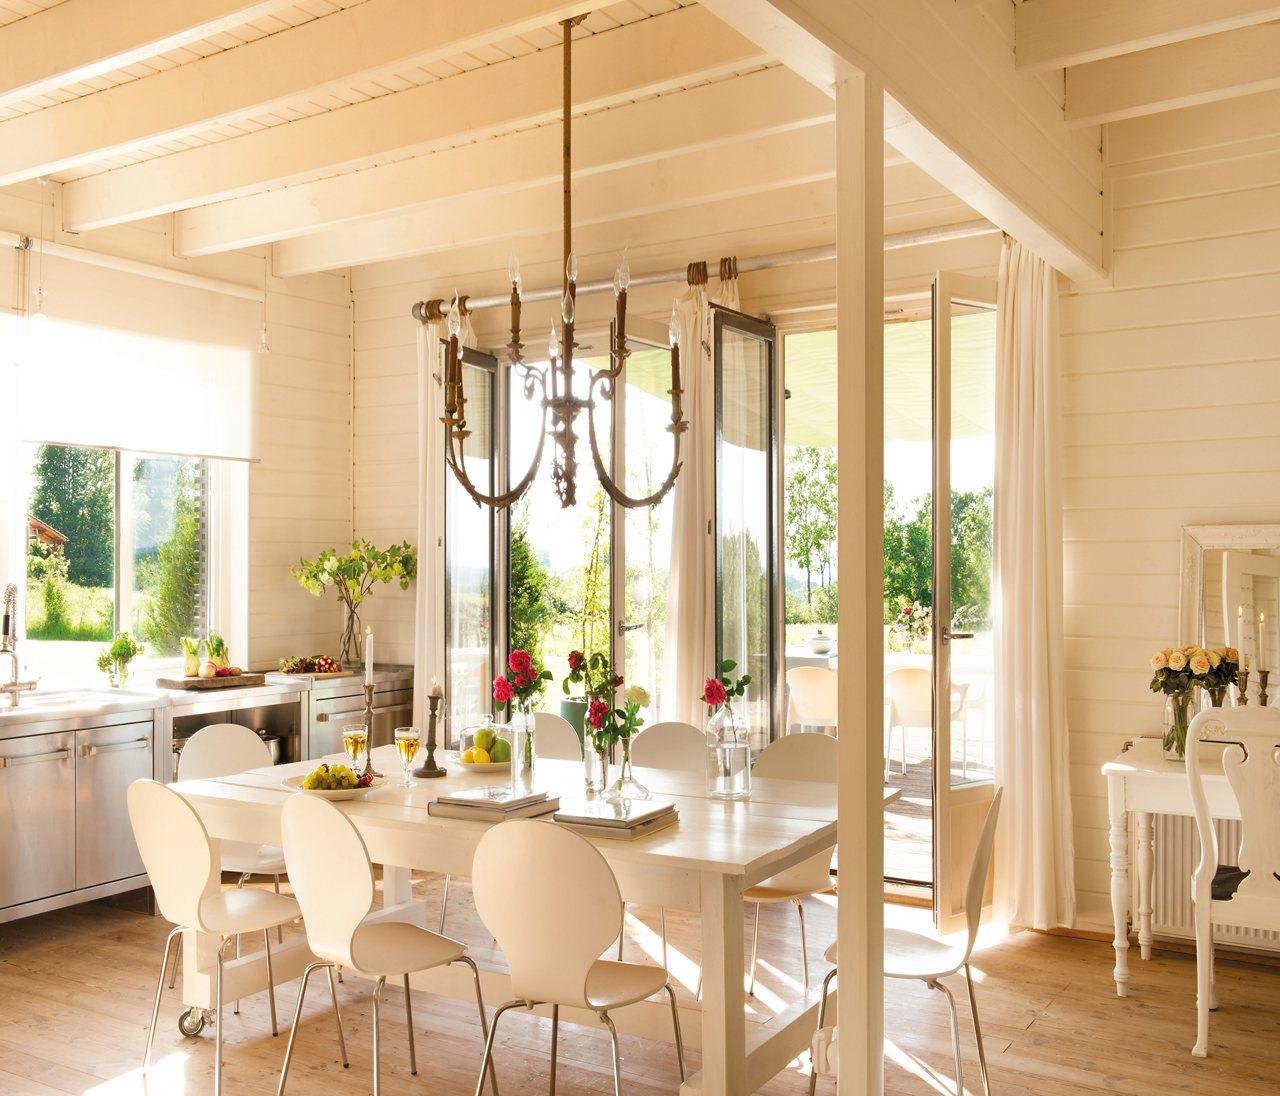 Las cositas de beach eau desde la casa de madera vista en la revista el mueble - El mueble decoracion ...